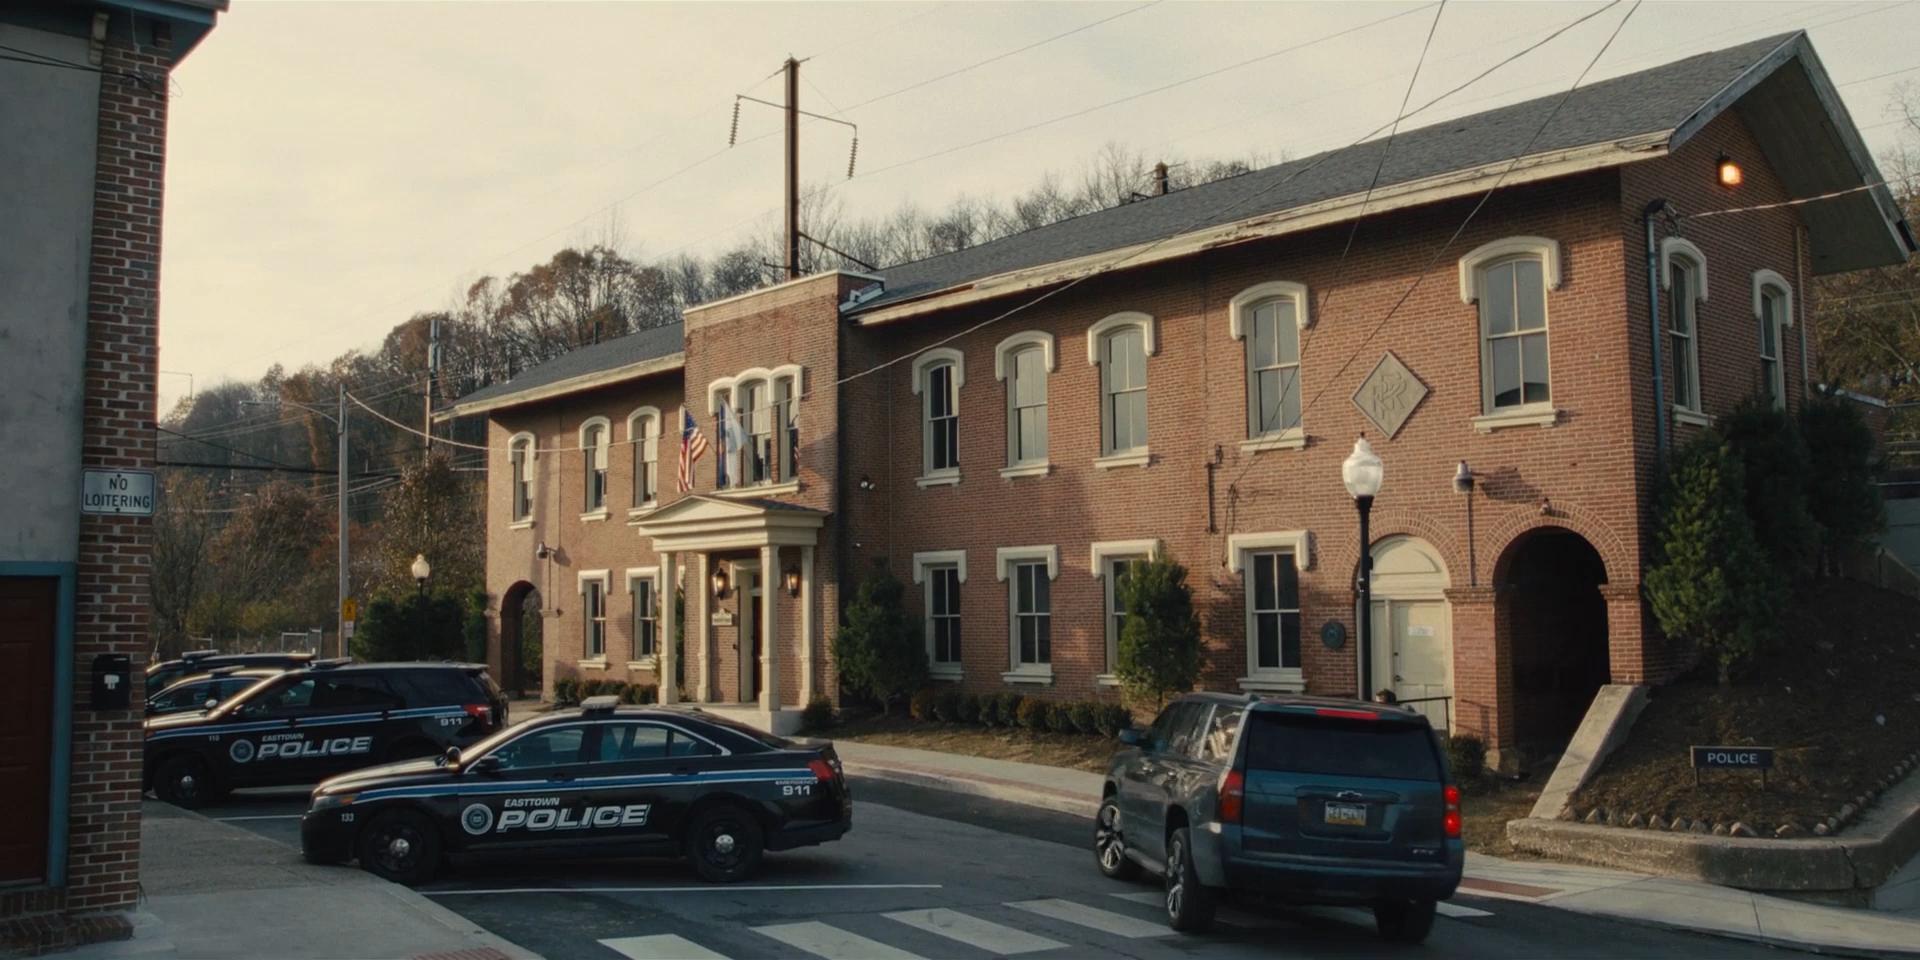 Изображение для Мейр из Исттауна / Mare of Easttown, Сезон 1, Серии 1-7 из 7 (2021) WEB-DL 1080p (кликните для просмотра полного изображения)